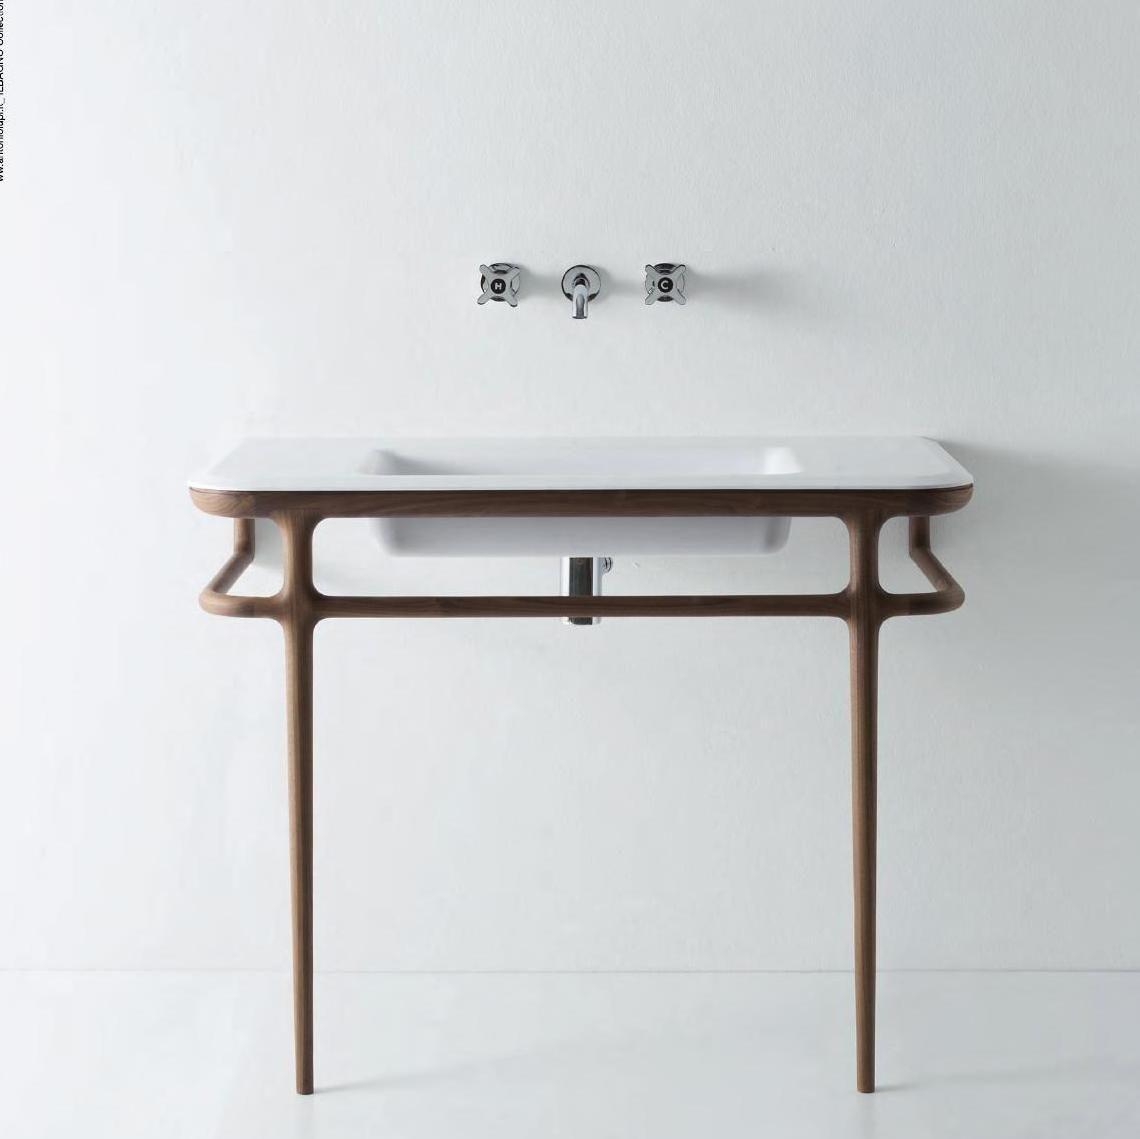 Double Pedestal Sinks